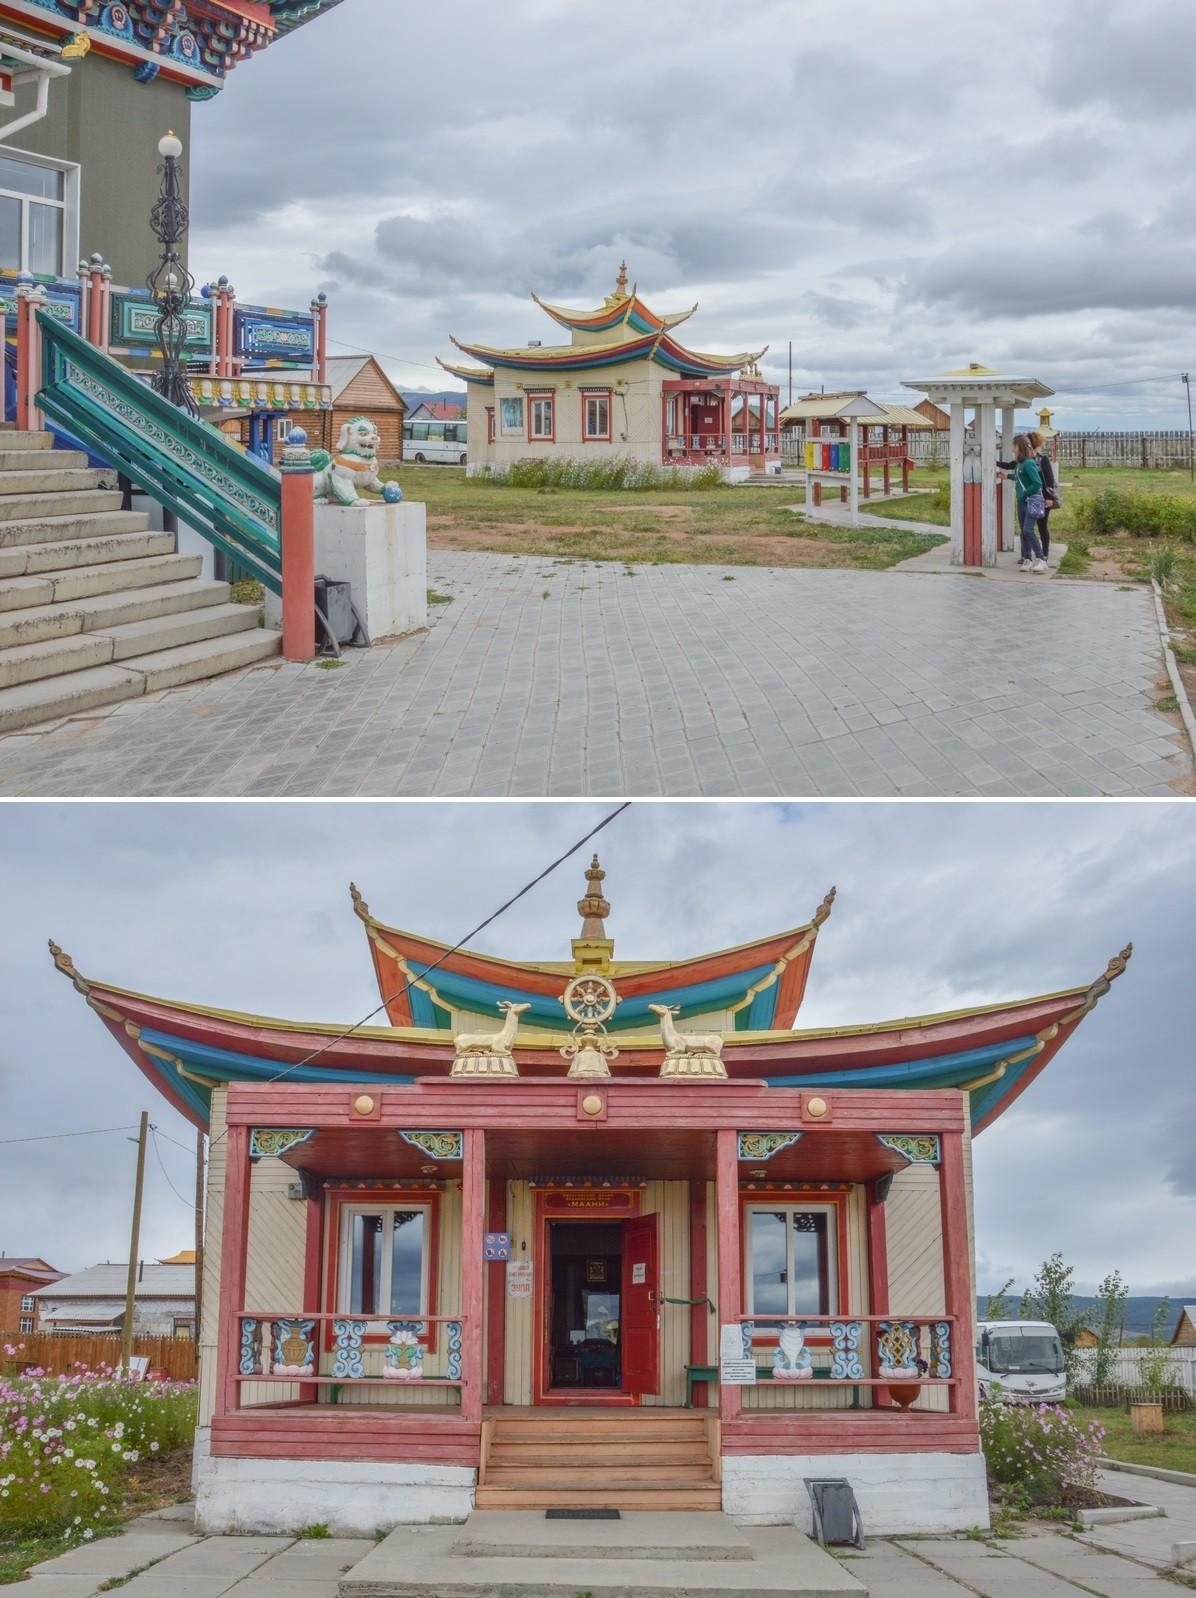 Se trouvent également ici une bibliothèque, une université religieuse, un refuge d'été pour voyageurs, une galerie d'art bouddhiste, des stands de souvenirs, ou encore une serre renfermant un figuier des pagodes sacré.